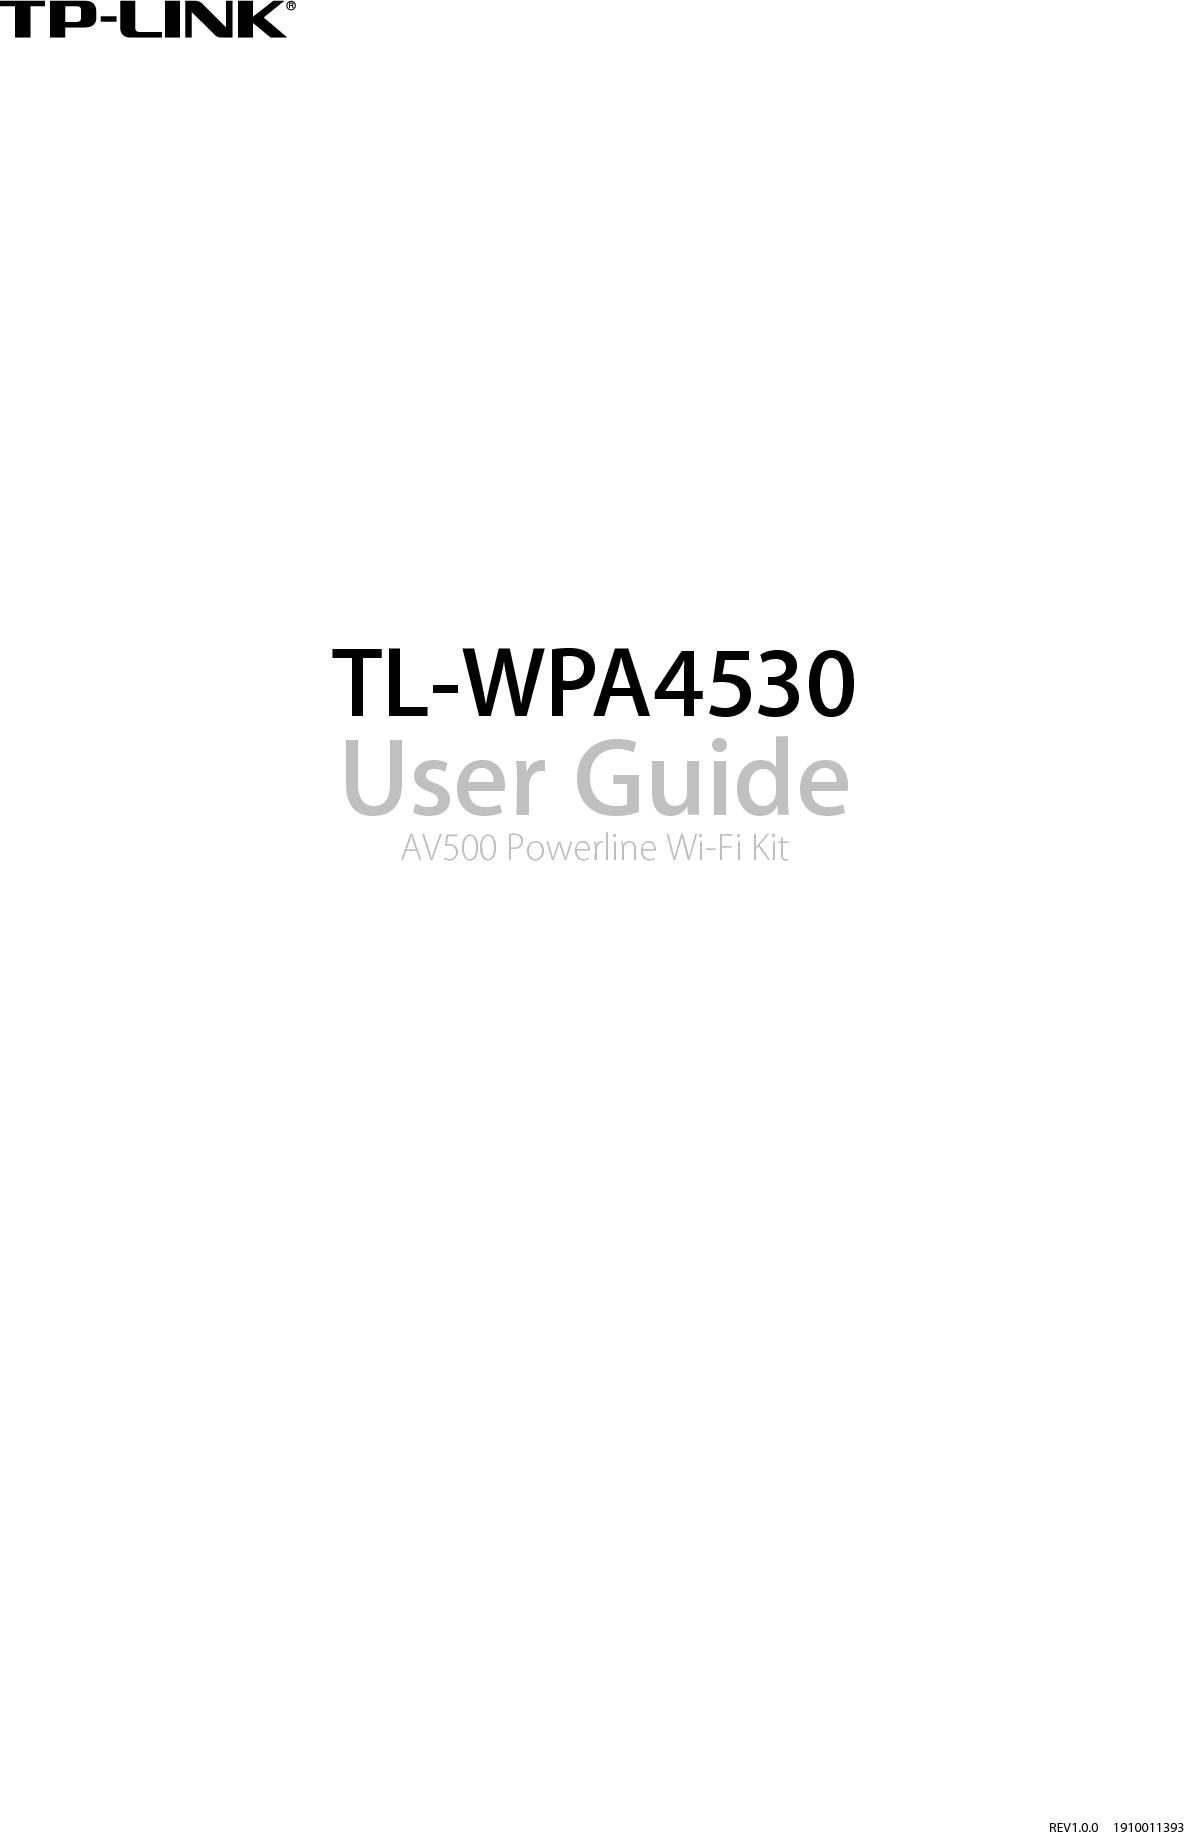 TP Link Technologies WPA4530 AC750 Wi-Fi Range Extender,AV500